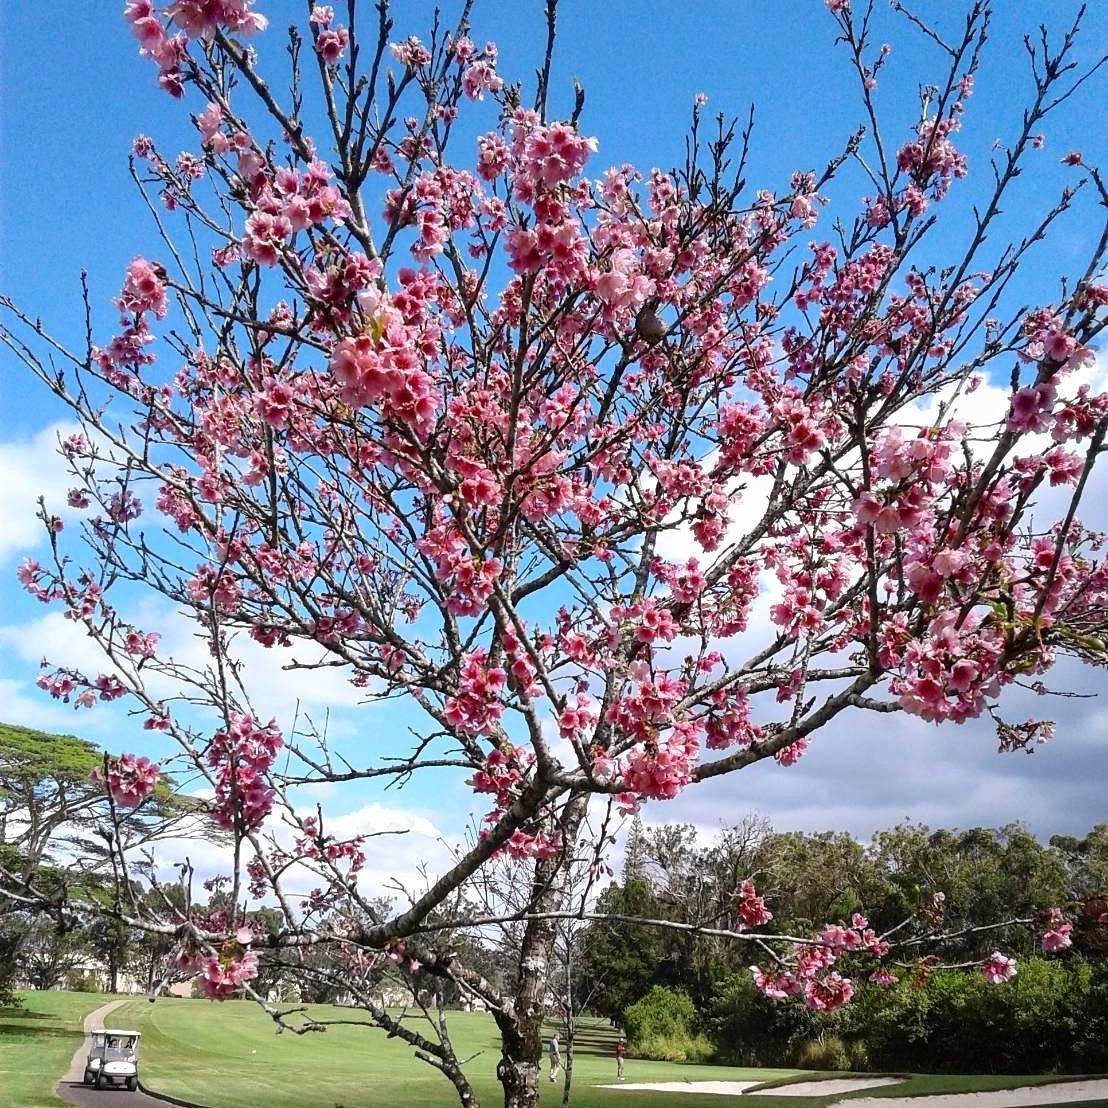 ゴルフ場の桜